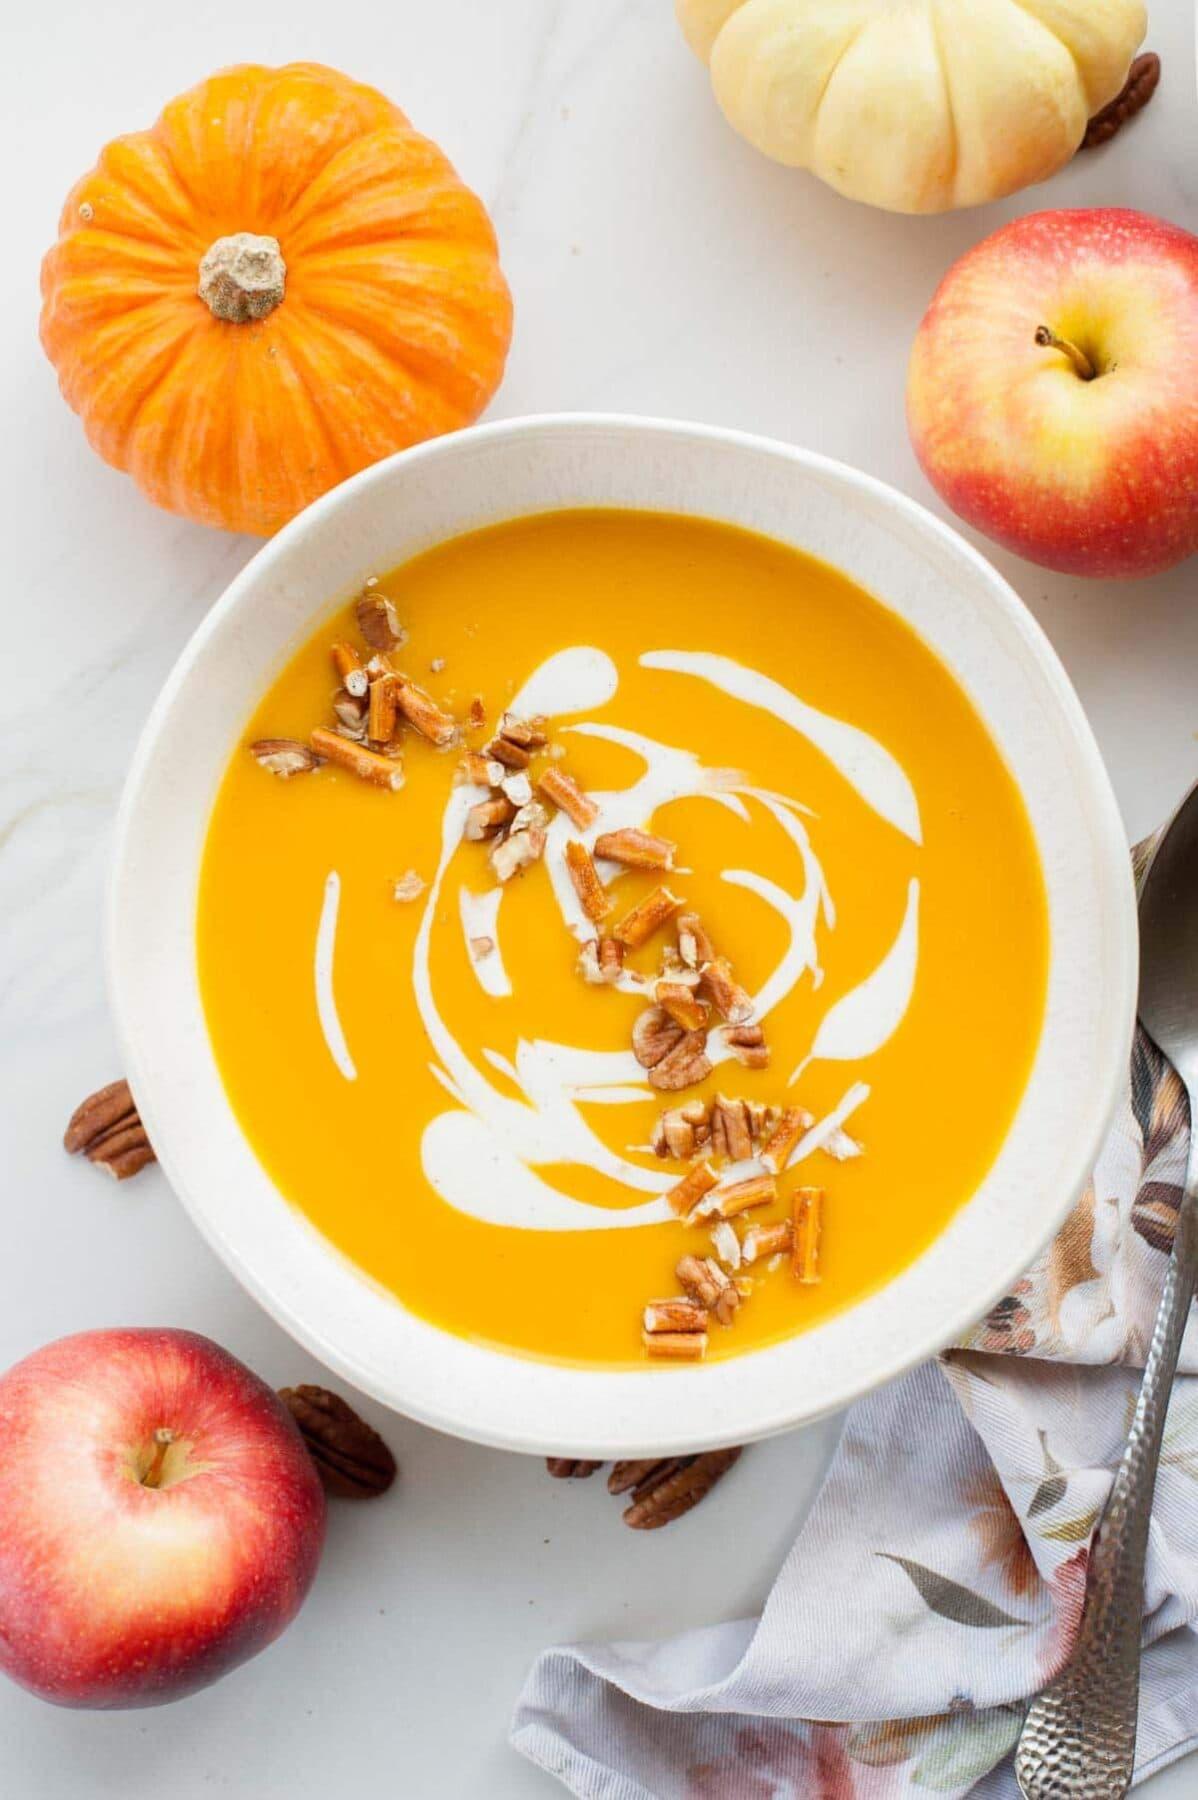 Biała miska z zupą dyniową z jabłkiem. Jabłka i łyżka w tle.